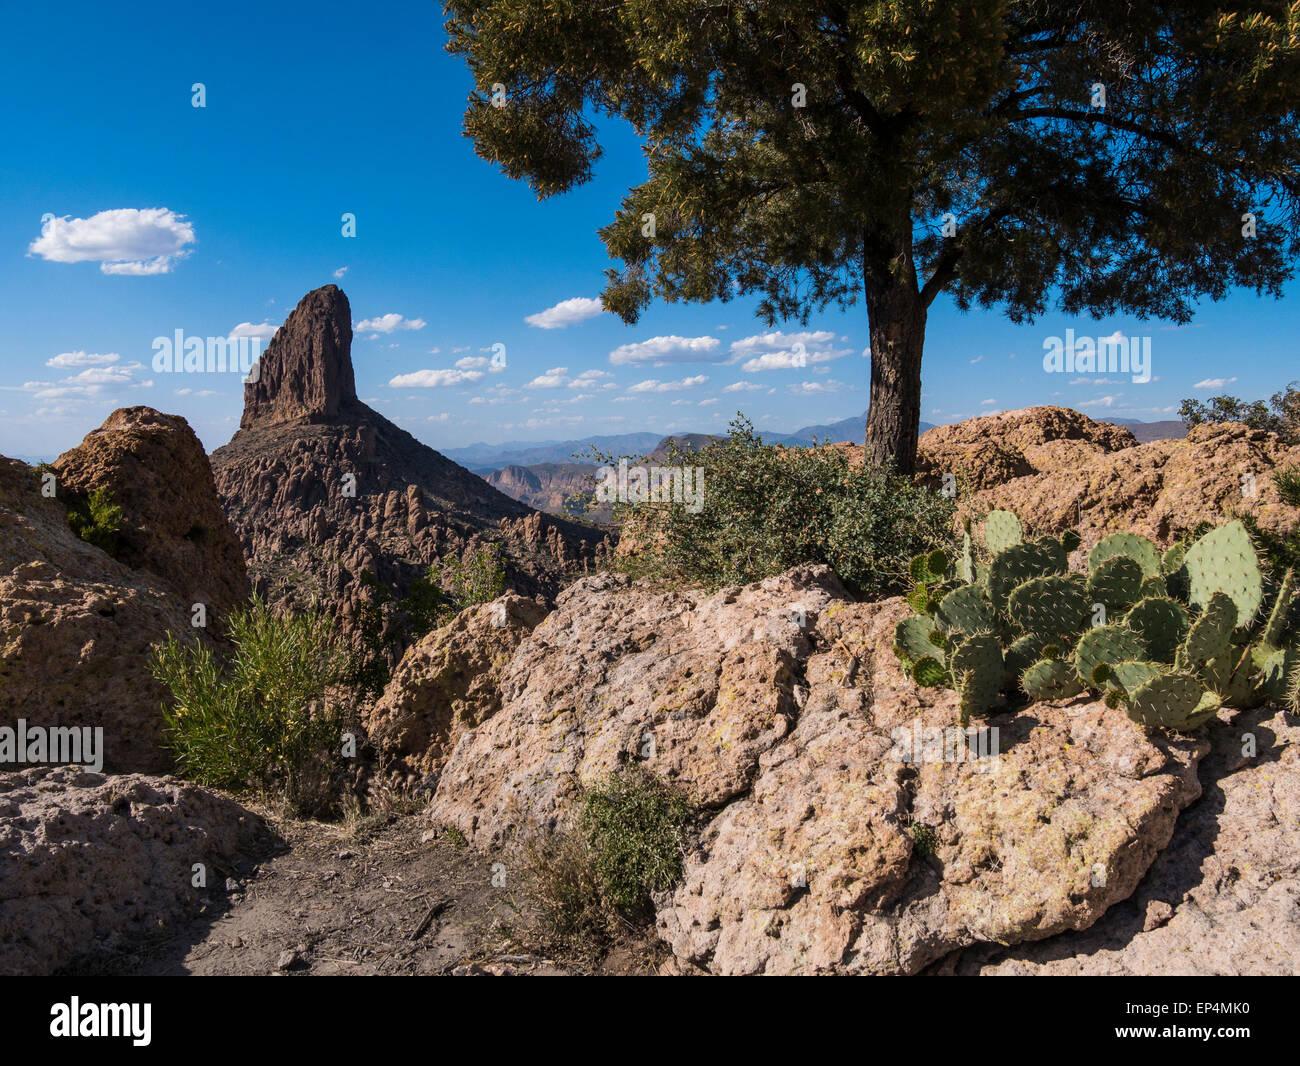 Weavers Needle from Fremont Saddle, Superstition Wilderness Area, Arizona. - Stock Image